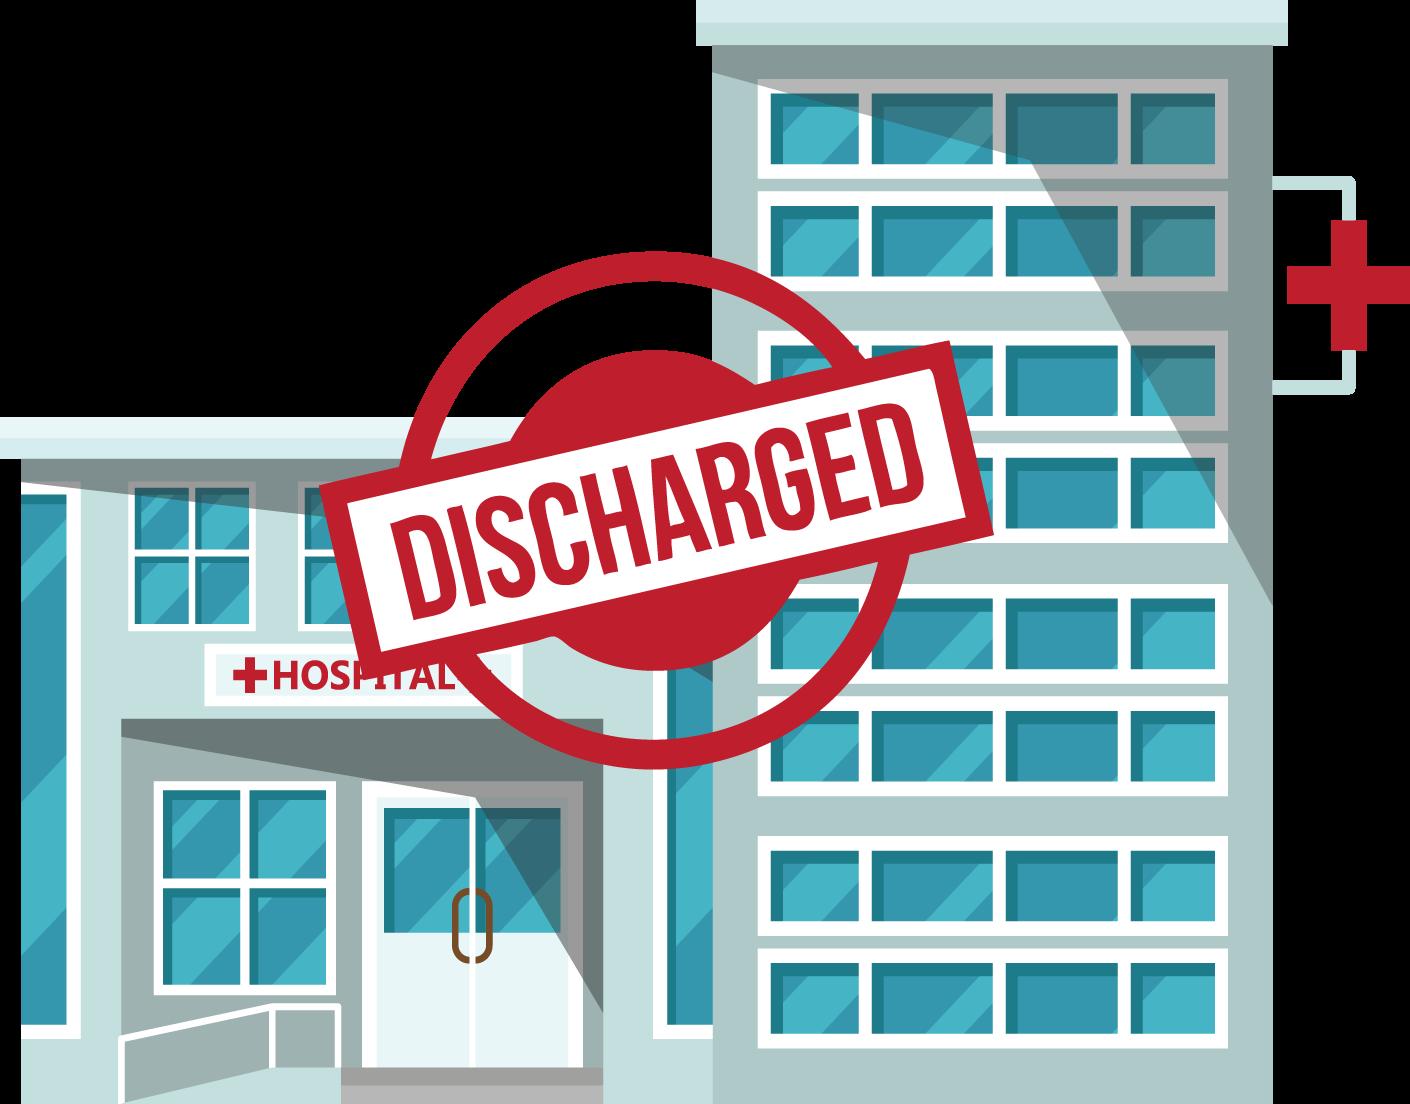 Hospital Building Dishcharged Stamp.png